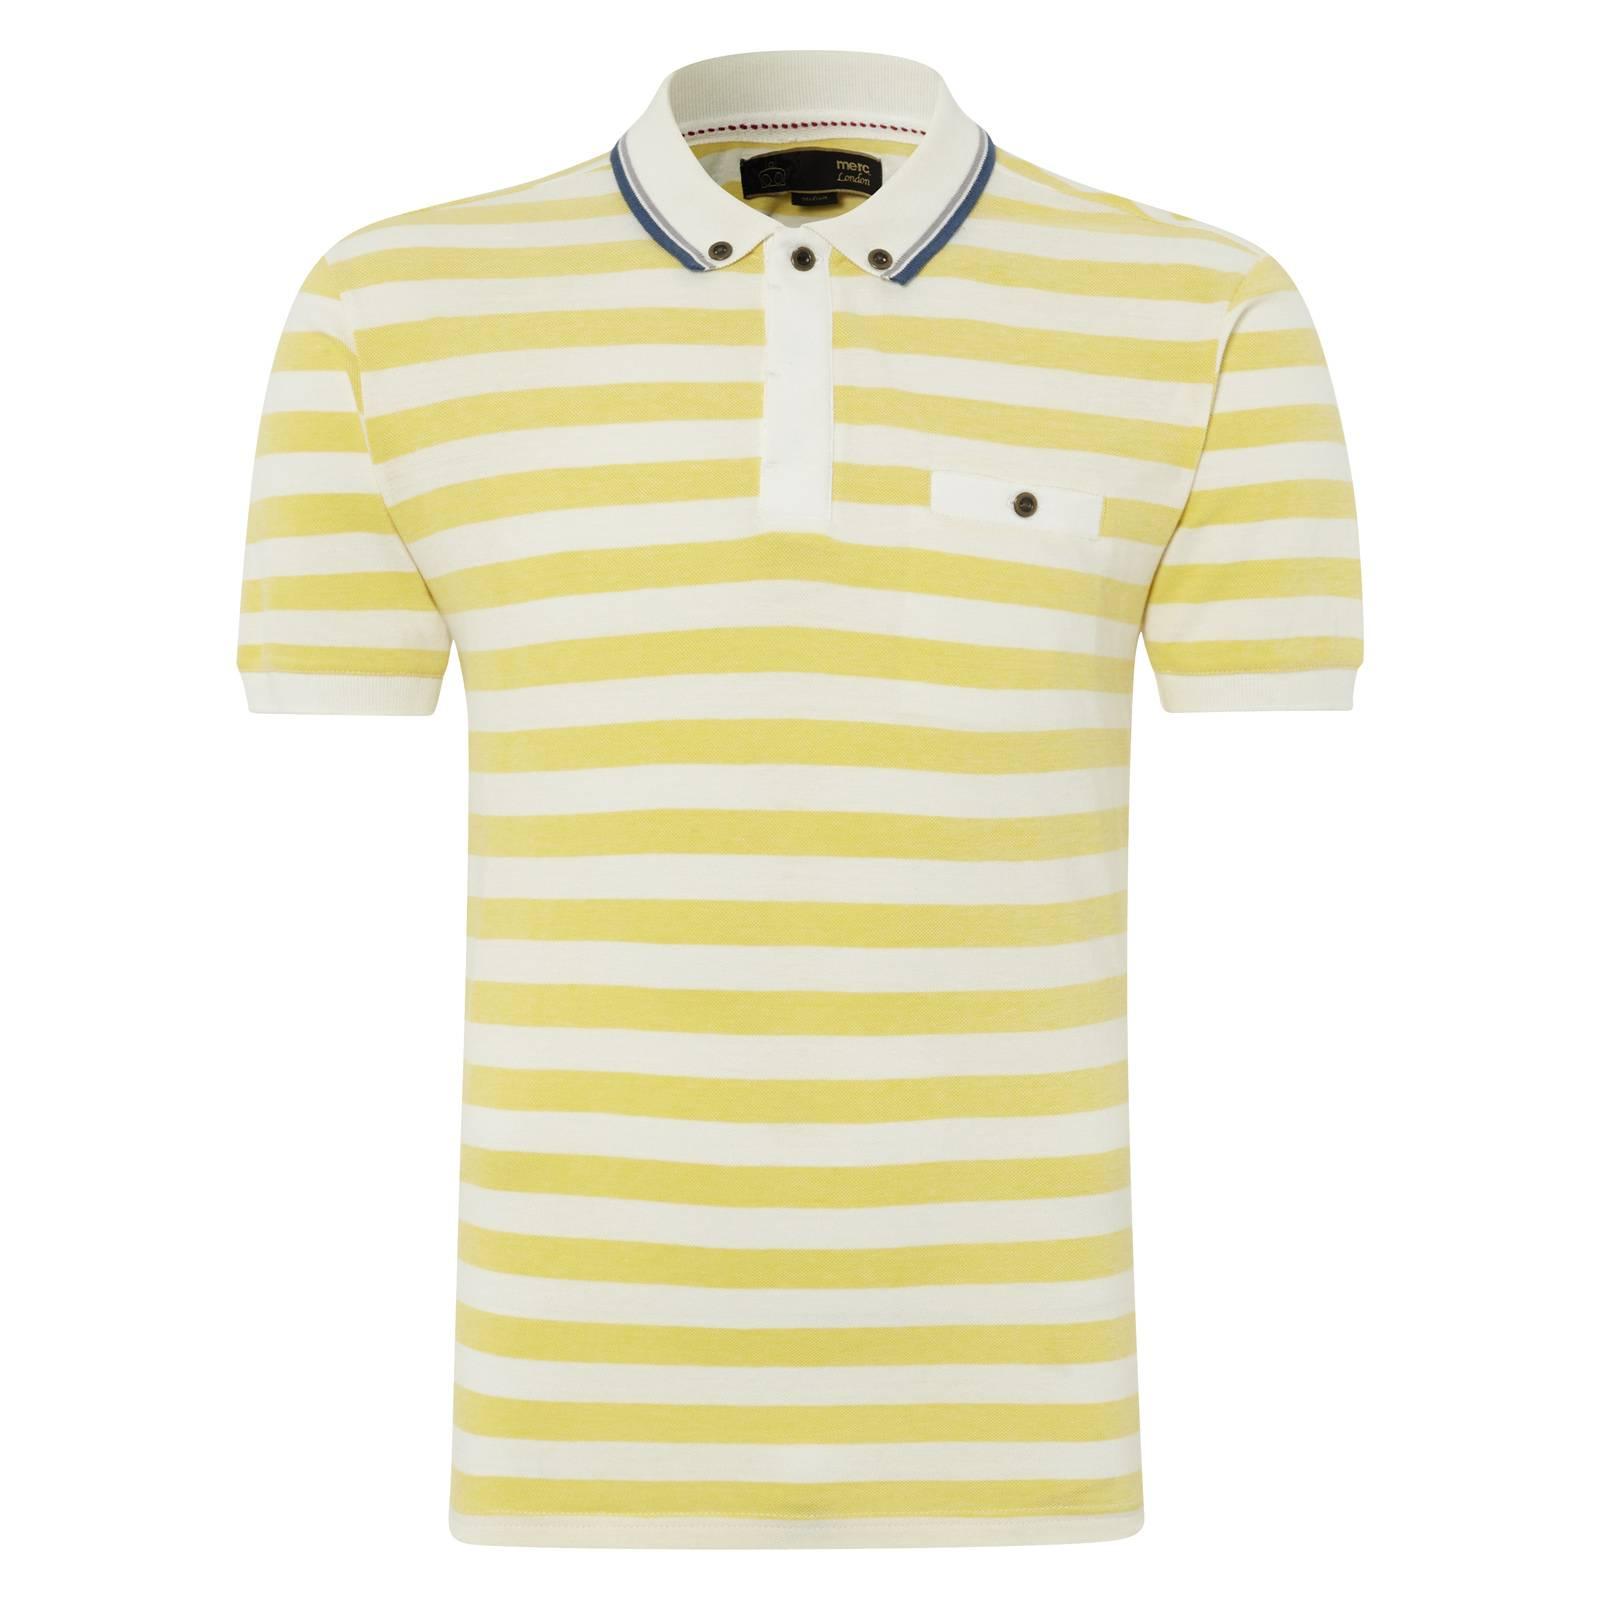 Рубашка Поло GuilioПоло<br><br><br>Артикул: 1914108<br>Материал: 100% хлопок<br>Цвет: белый в желтую полоску<br>Пол: Мужской